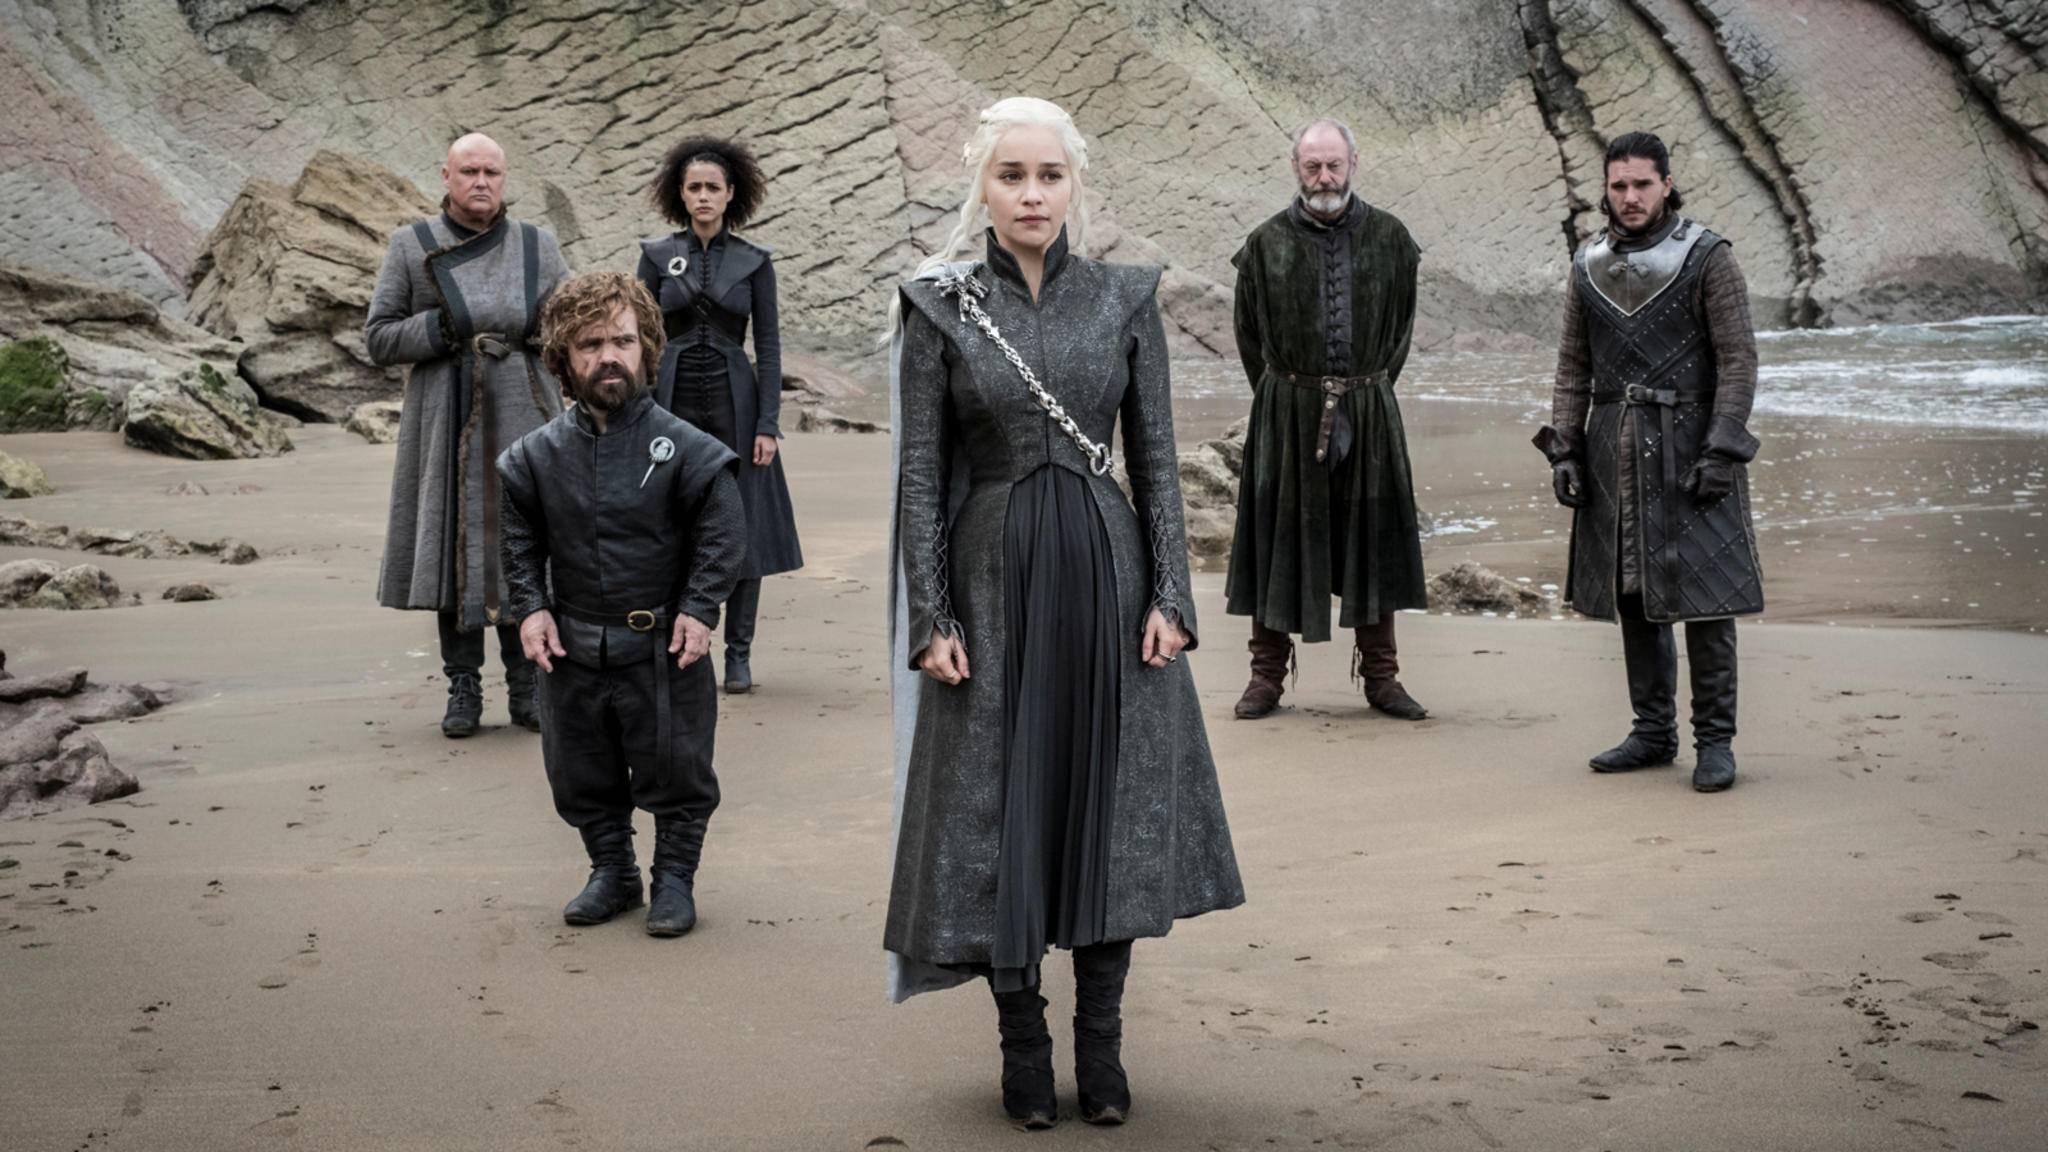 Die Kostüme von Daenerys Targaryen spiegeln zunehmend ihre Stärke wieder.